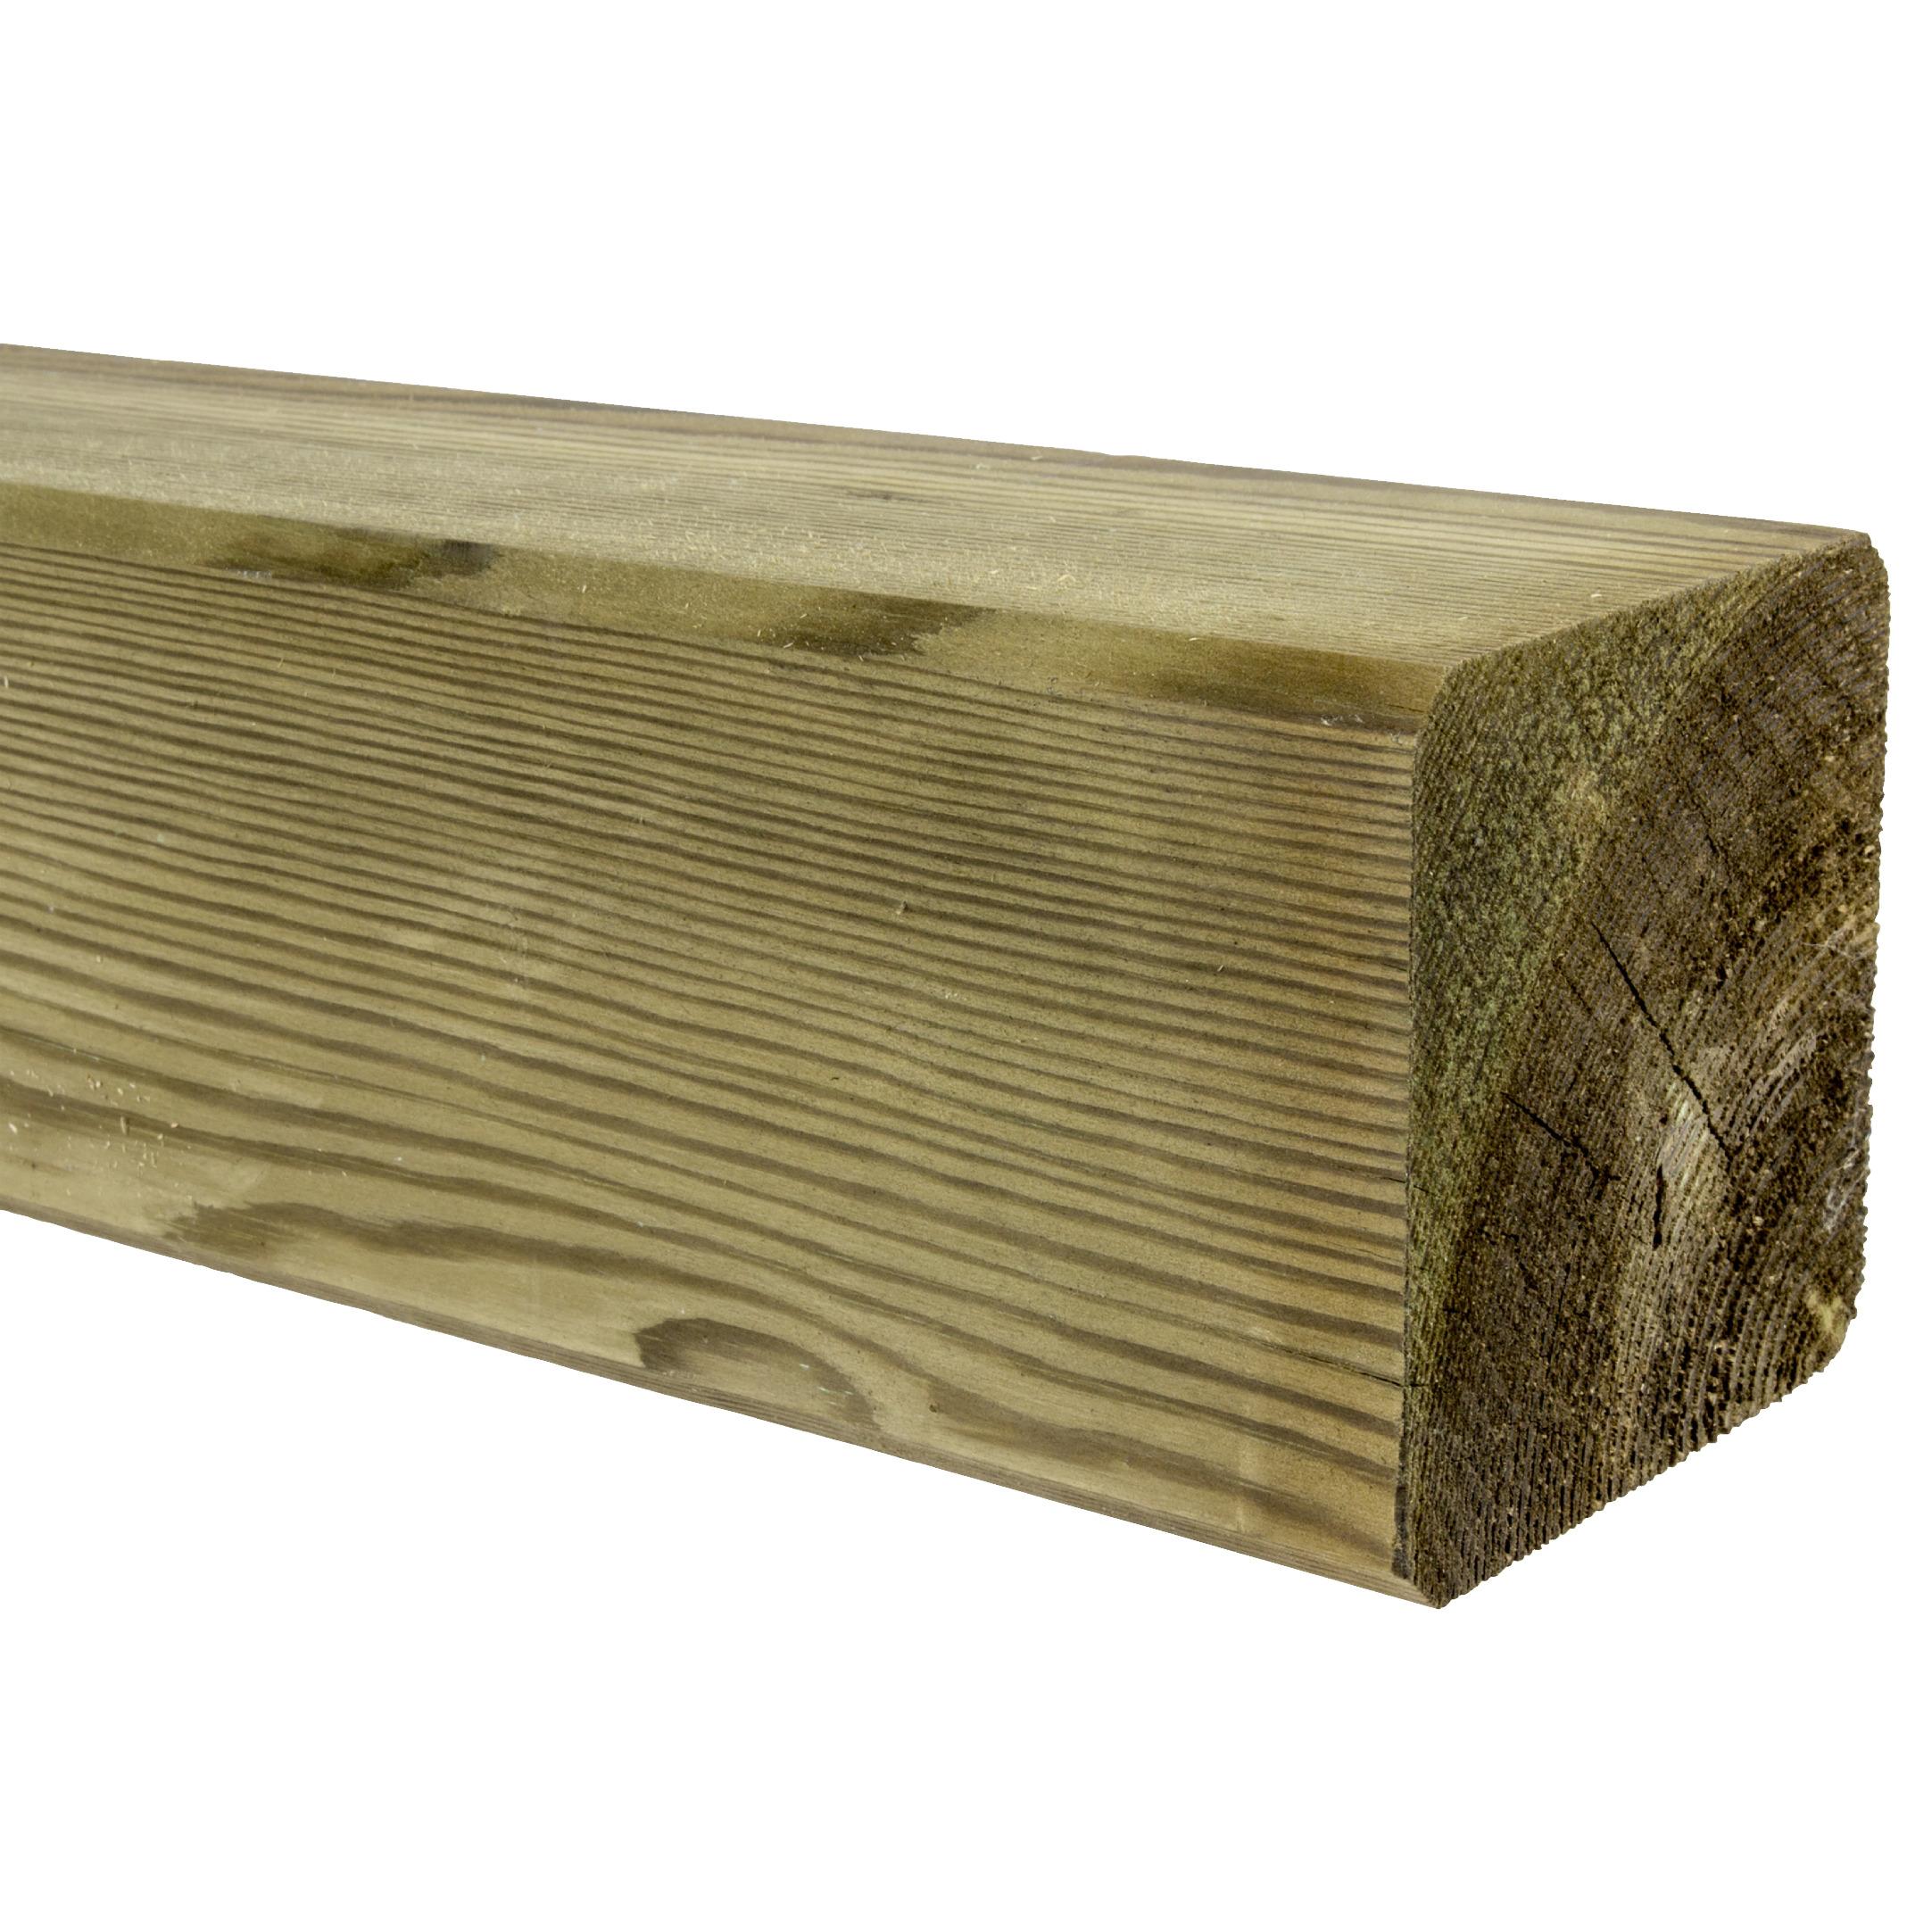 Tuinpaal geimpregneerd grenen 270x8,8x8,8 cm